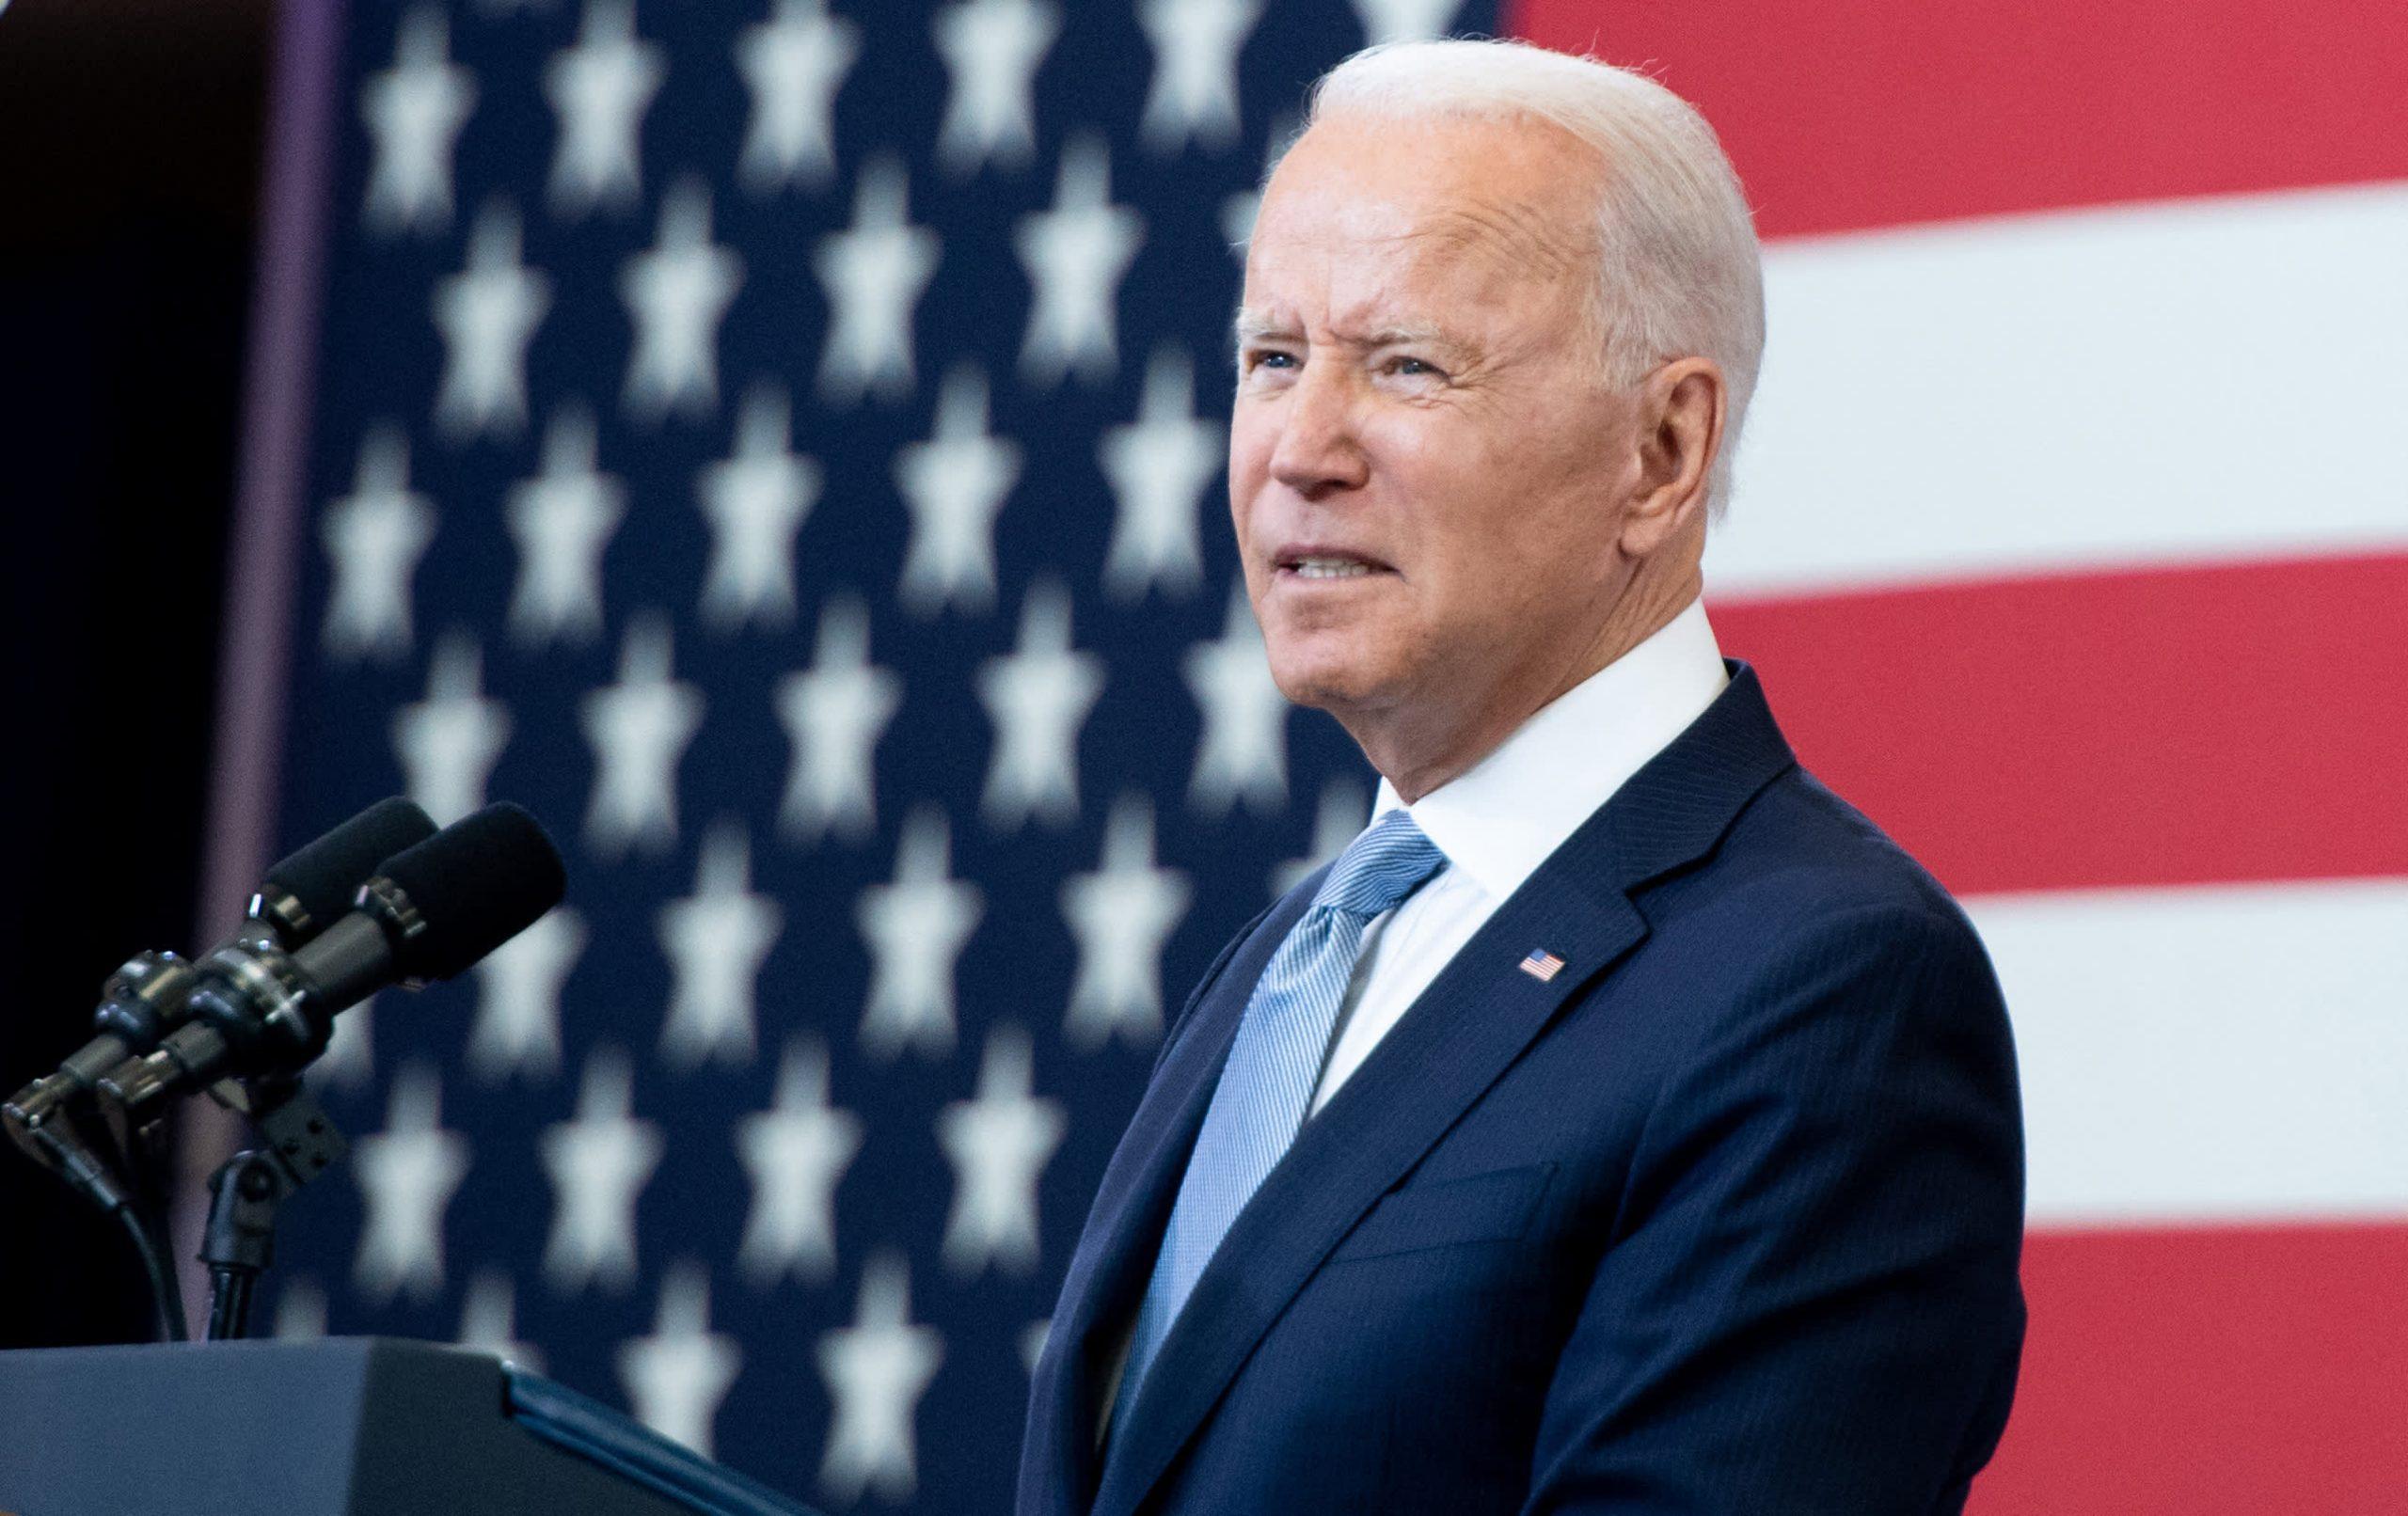 Biden reunirá a los demócratas del Senado en objetivos de gasto después de que alcancen un acuerdo presupuestario de $ 3.5 billones